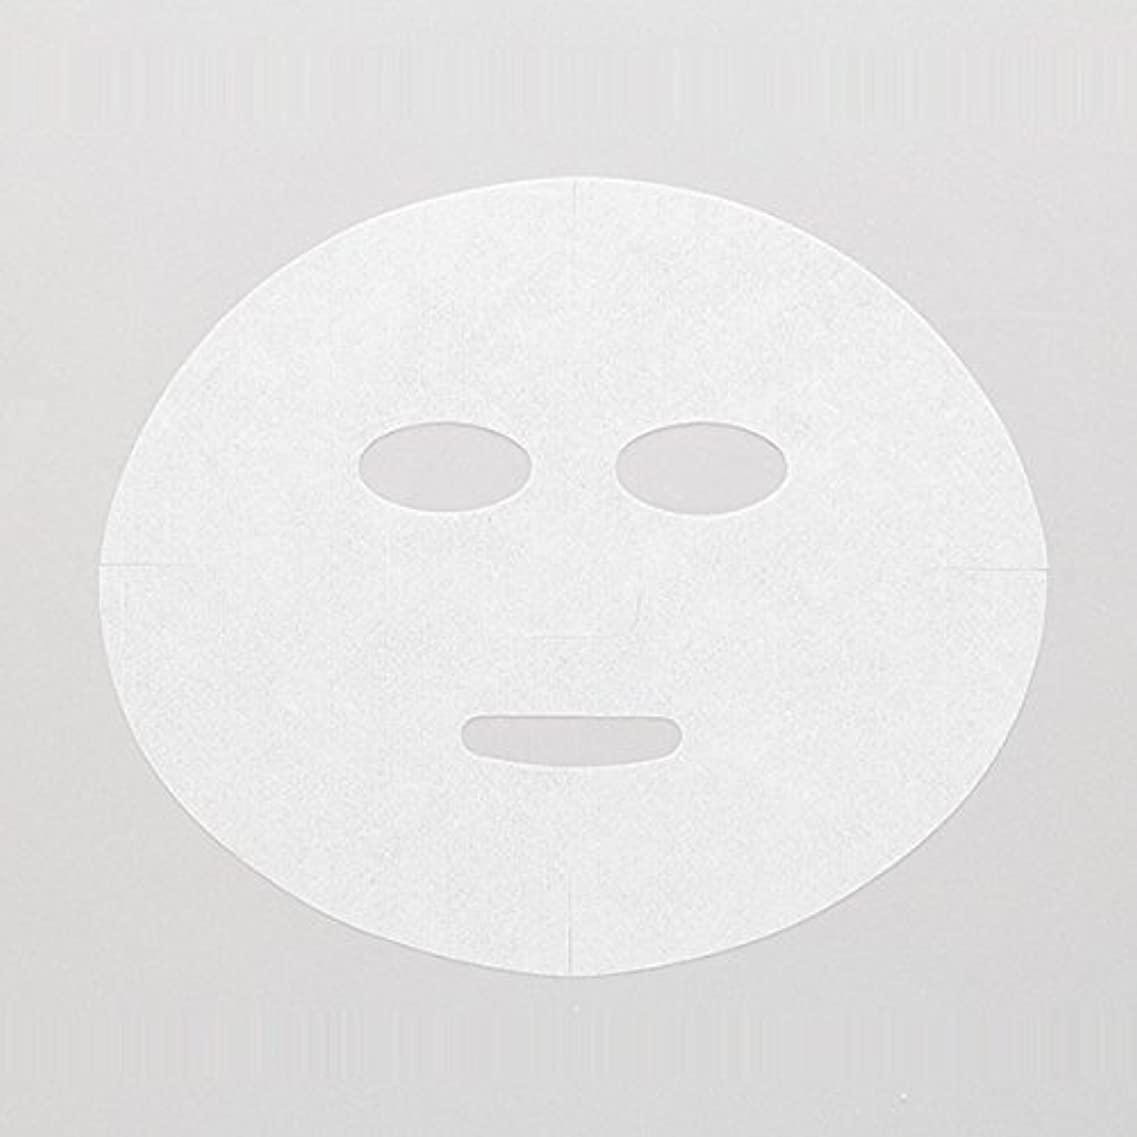 ガイドライン証明する移動する高保水 フェイシャルシート (マスクタイプ 化粧水無) 80枚 24×20cm [ フェイスマスク フェイスシート フェイスパック フェイシャルマスク シートマスク フェイシャルシート フェイシャルパック ローションマスク...